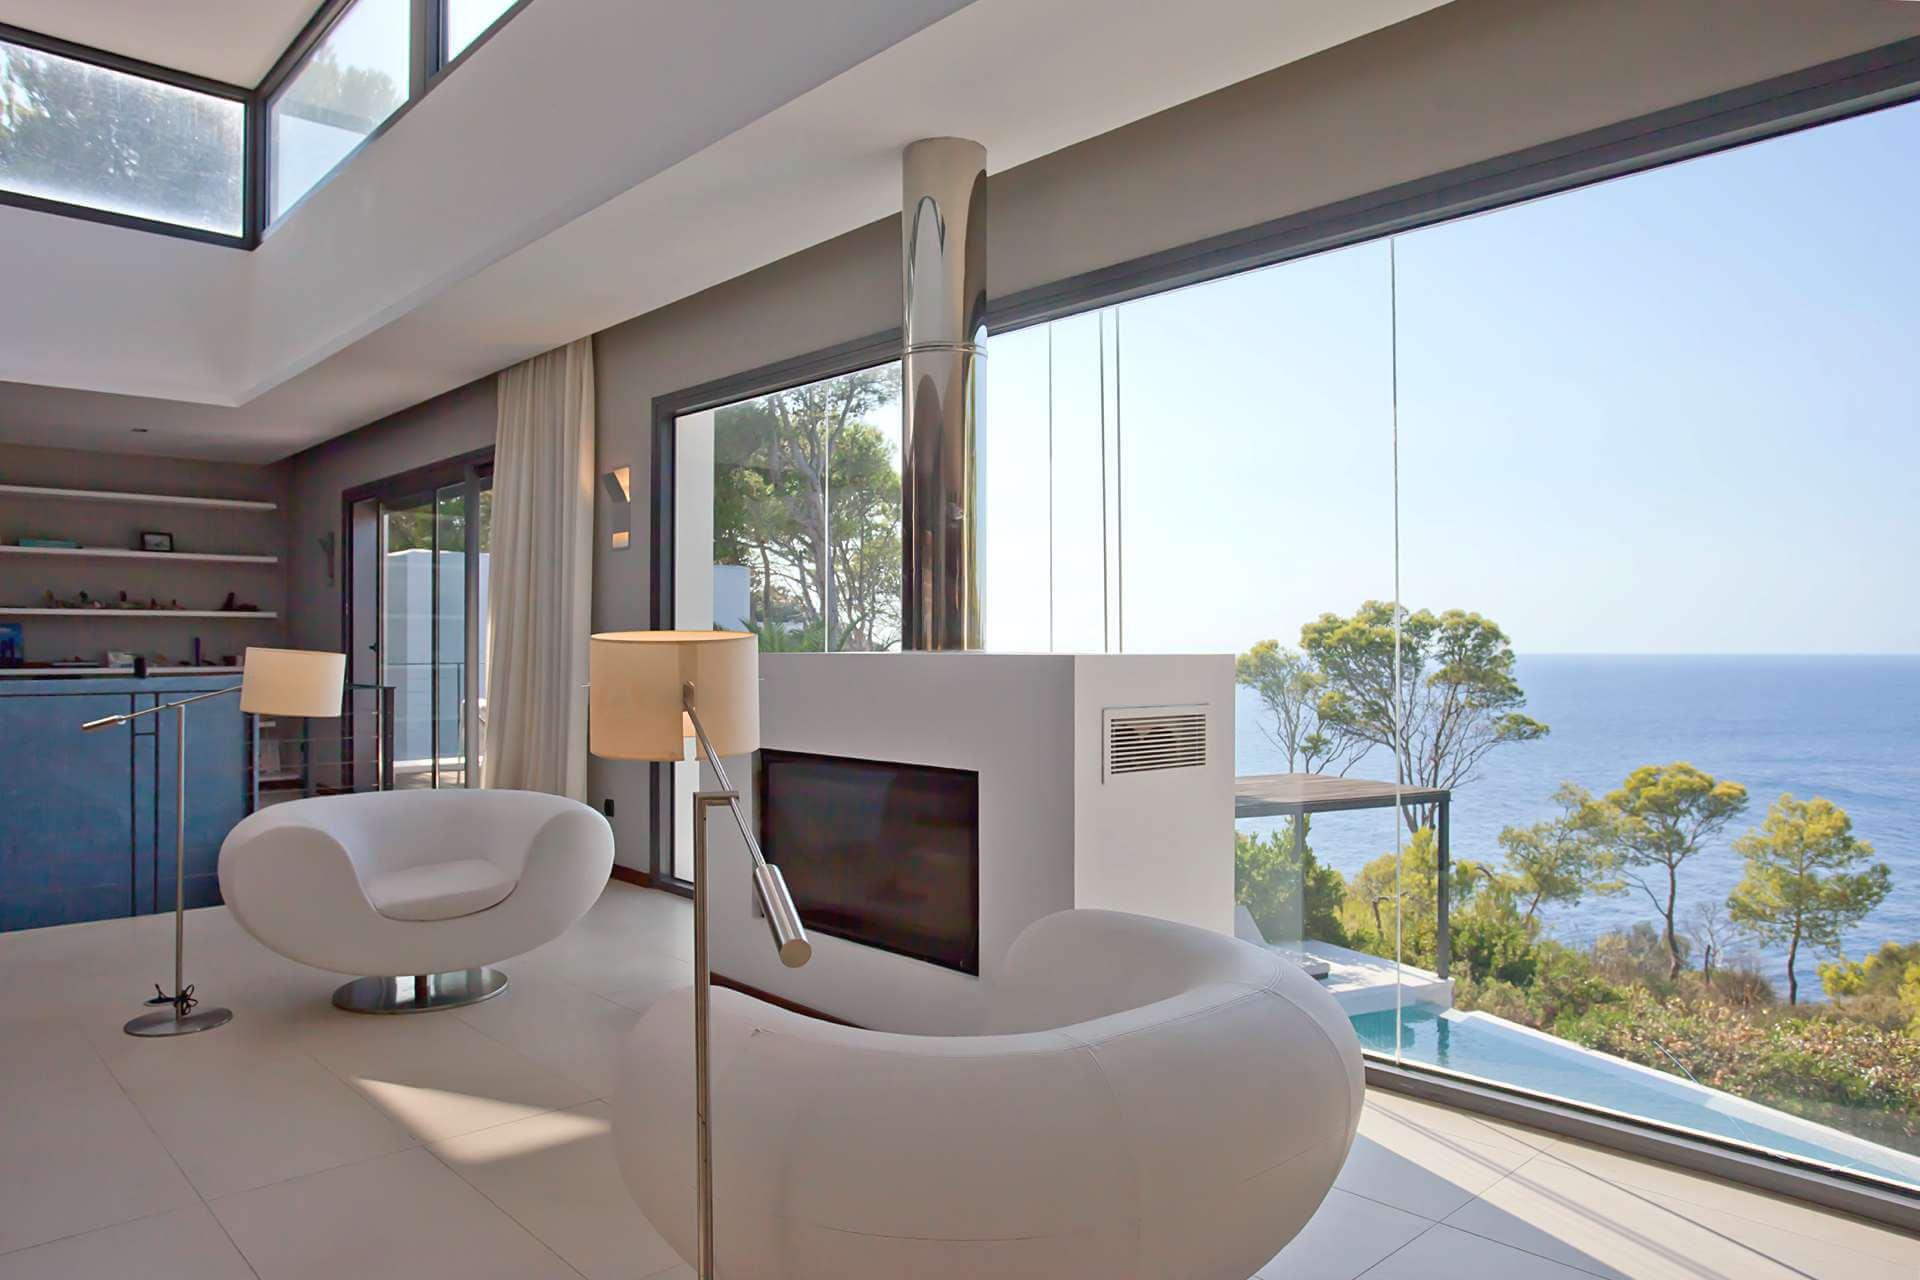 01-332 Sea view Villa Mallorca southwest Bild 18